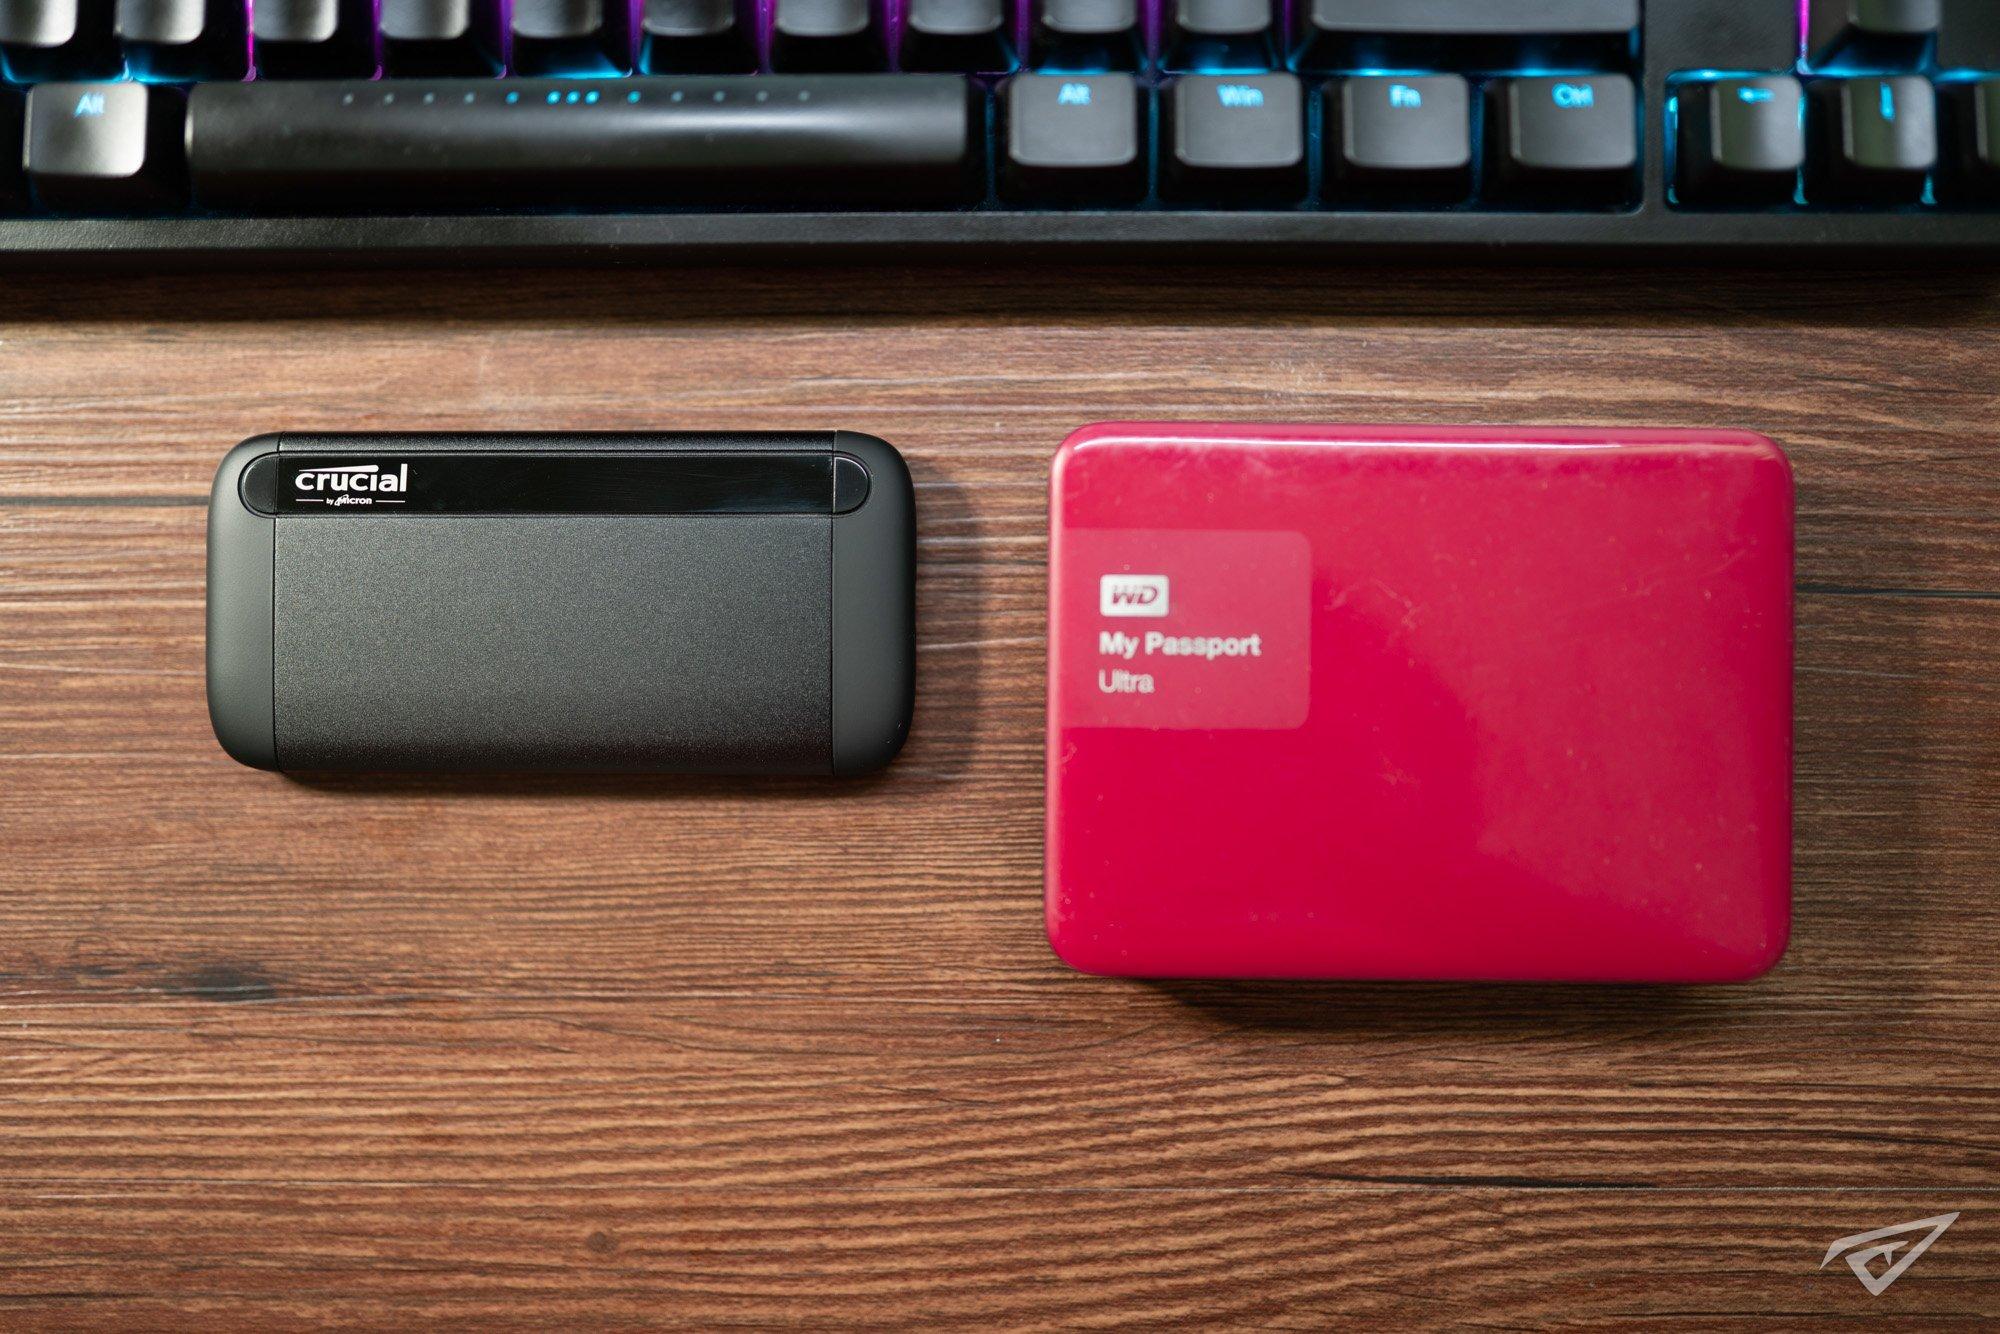 美光英睿达 Crucial X8 2TB移动SSD固态硬盘评测